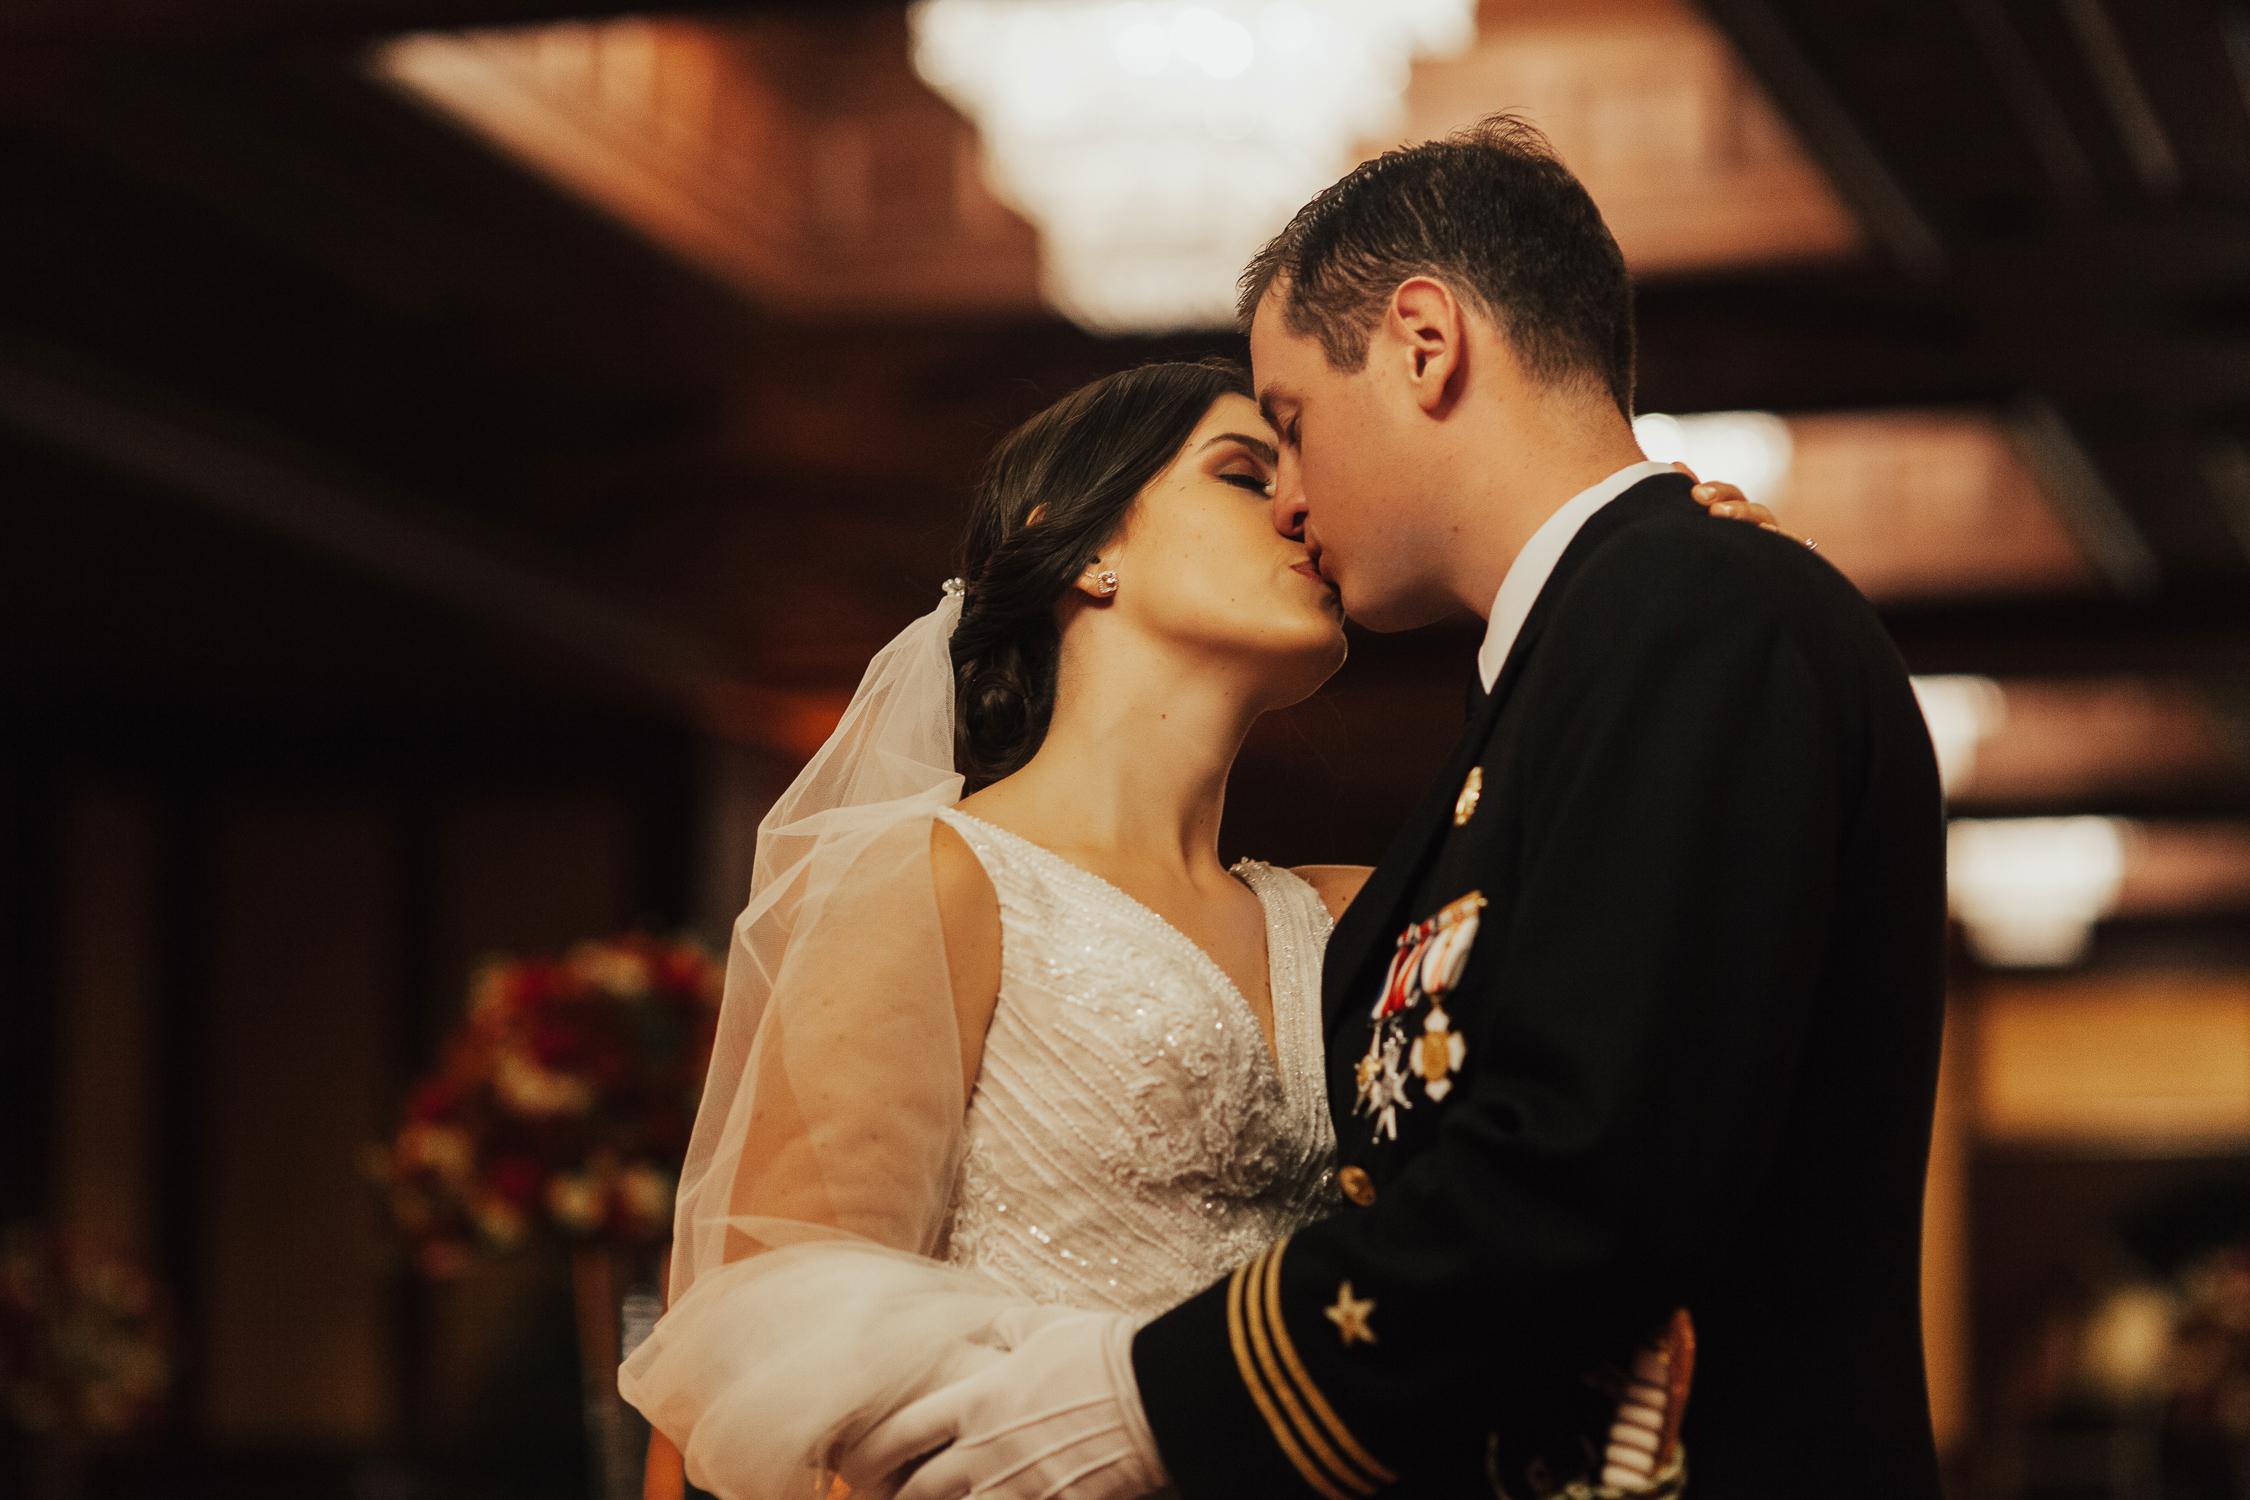 Michelle-Agurto-Fotografia-Bodas-Ecuador-Destination-Wedding-Photographer-Ecuador-Mercedes-Alvaro-138.JPG